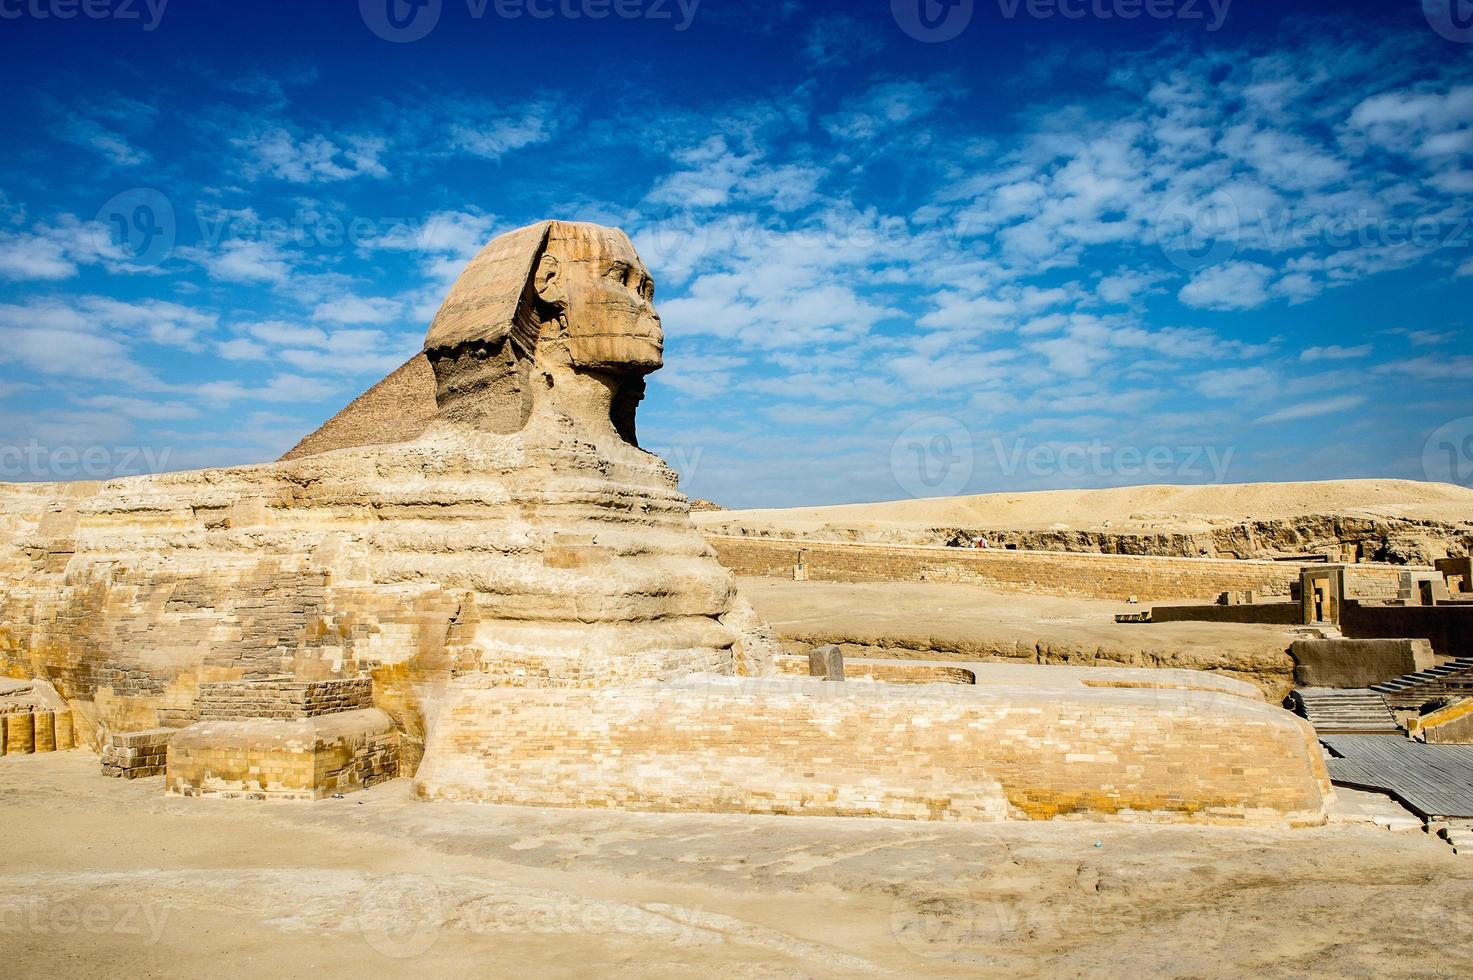 nécropole de gizeh, plateau de gizeh, egypte. patrimoine mondial de l'unesco photo